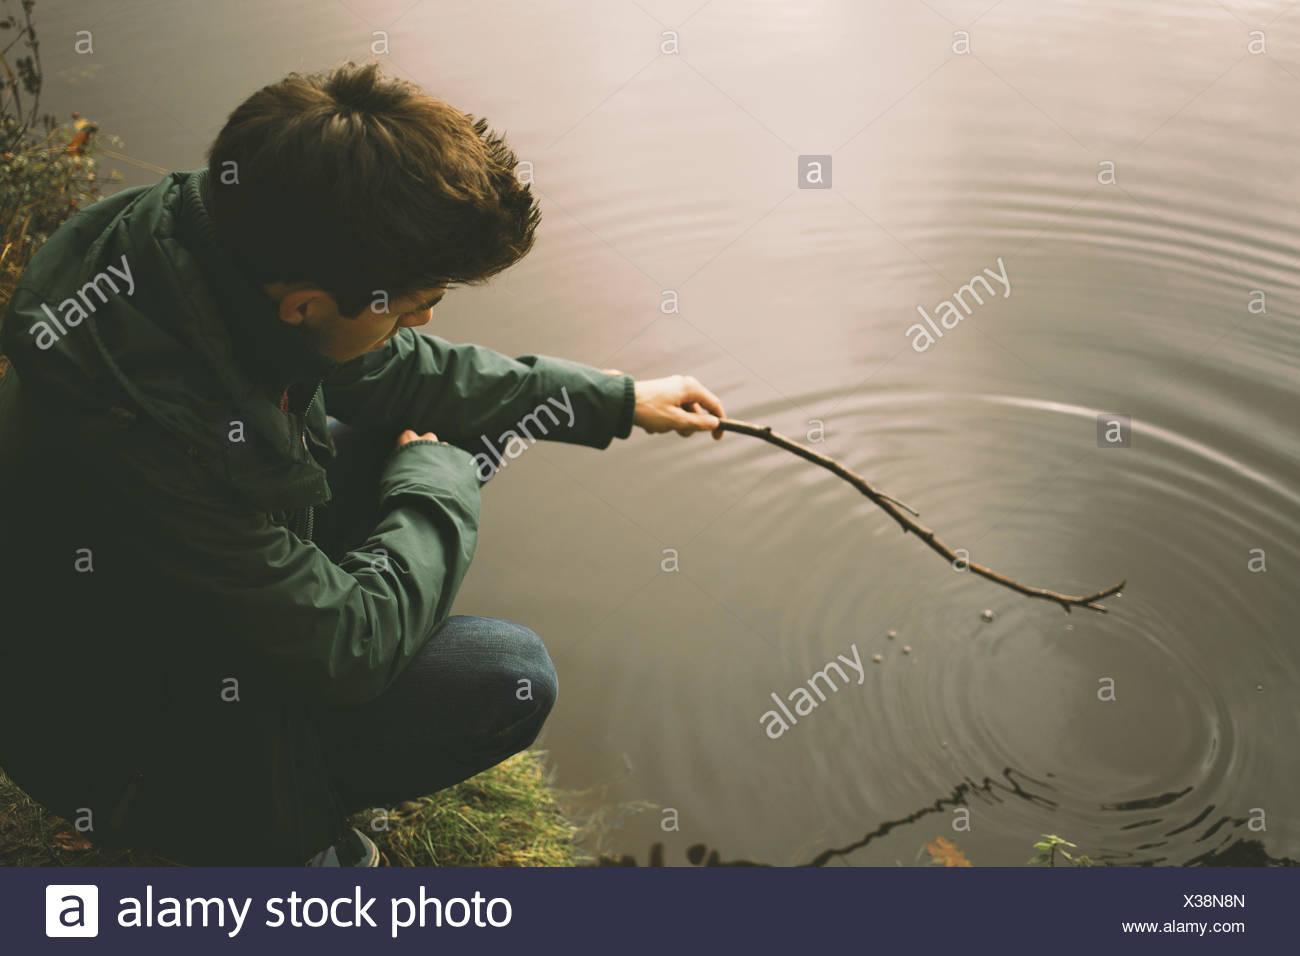 Giovane uomo accovacciato sul lungofiume rendendo le ondulazioni in acqua con ramoscello Immagini Stock